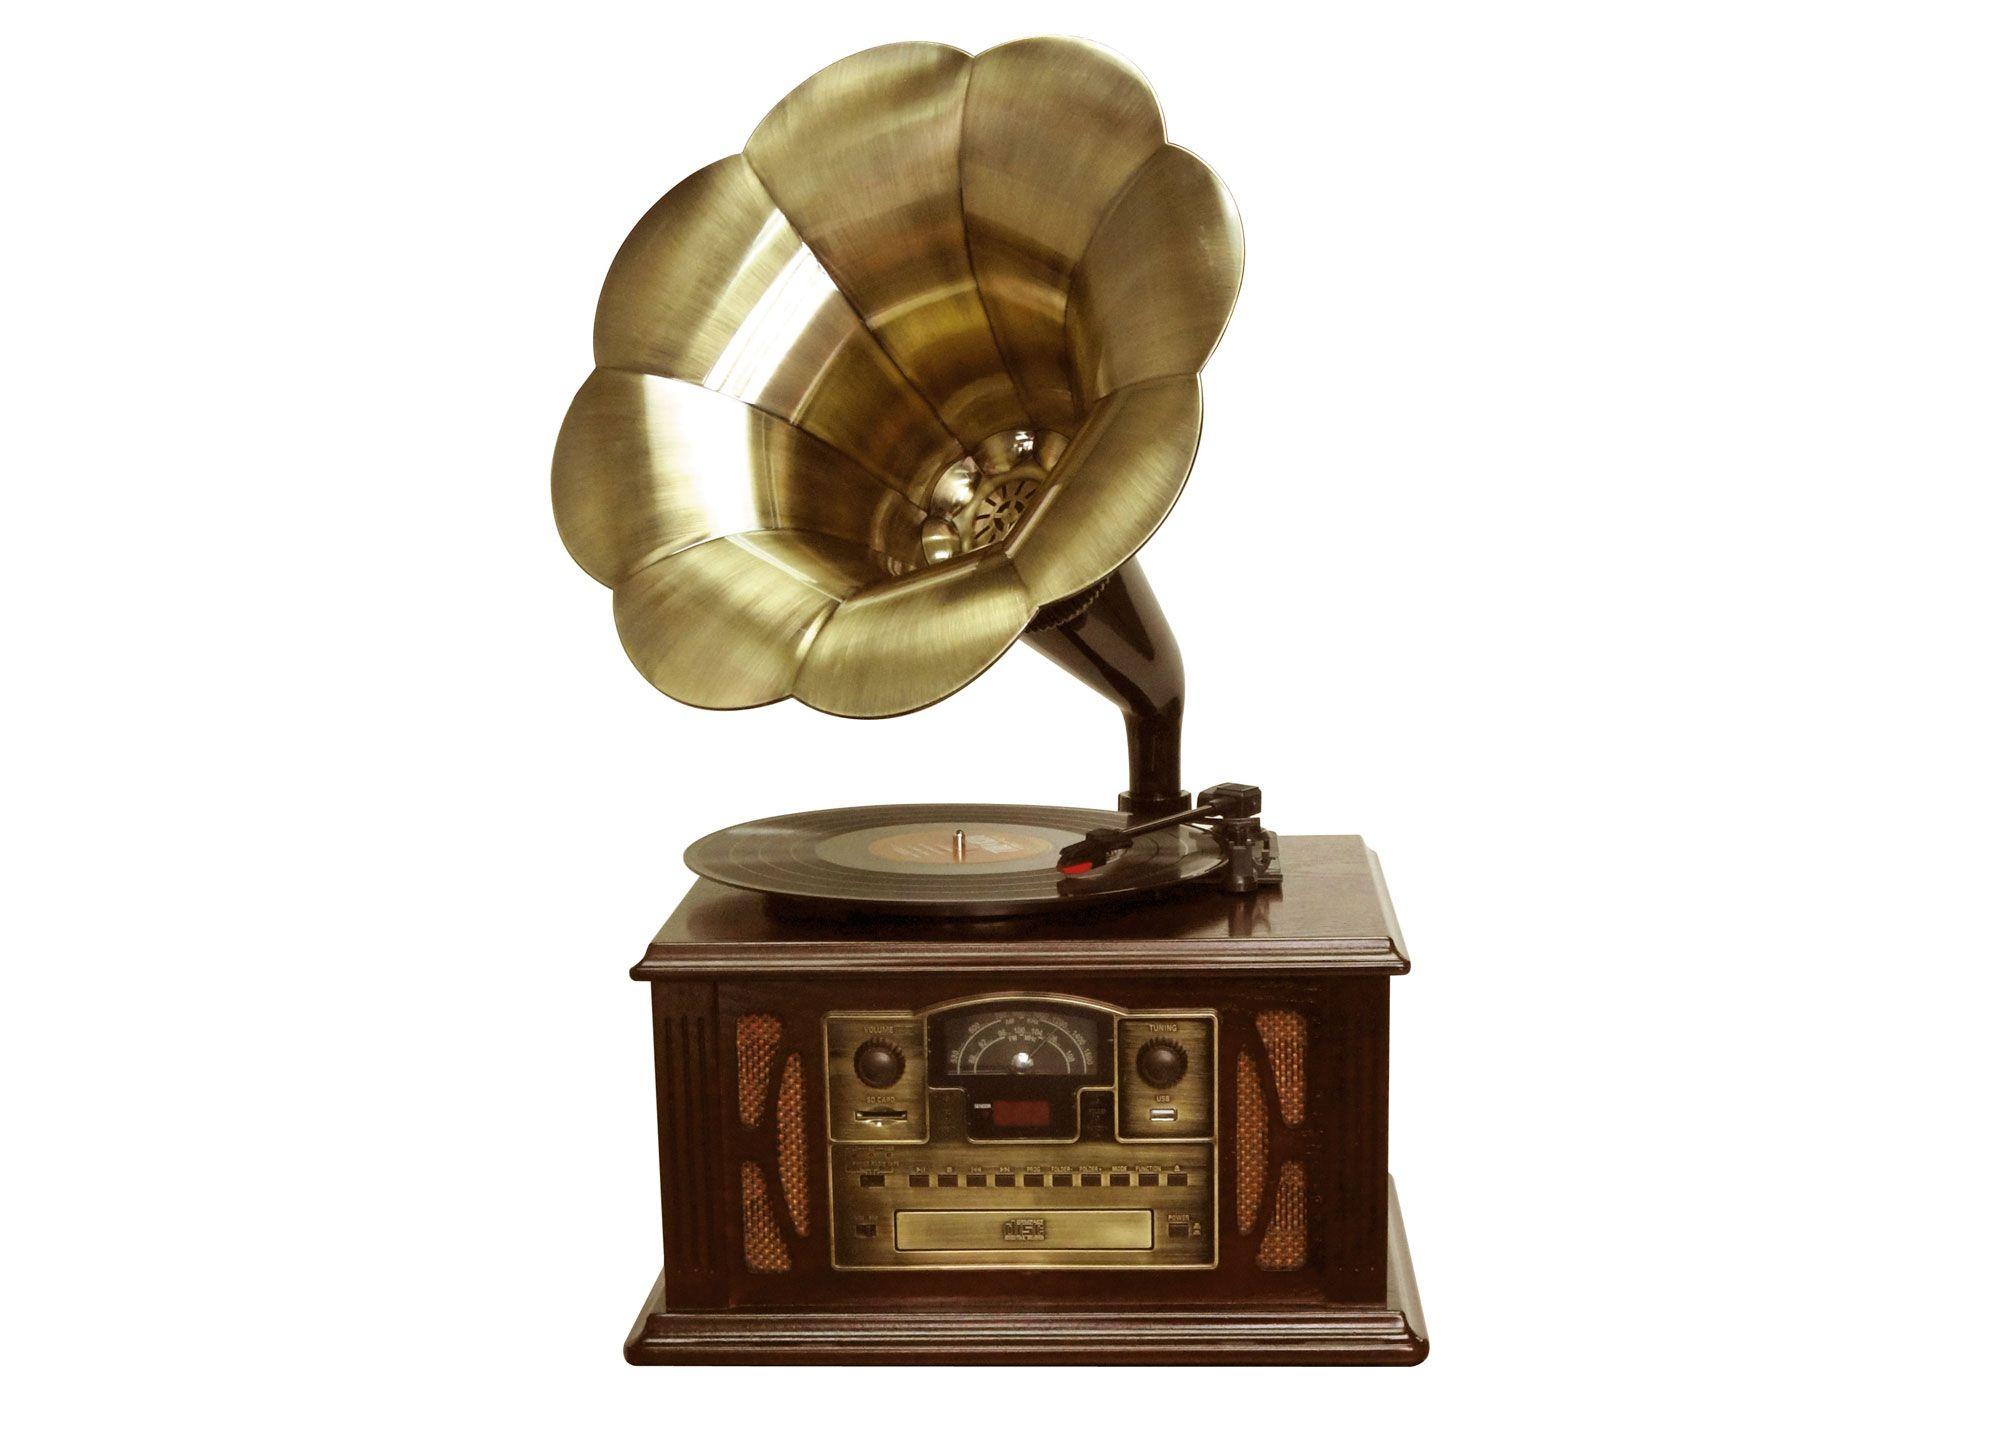 Gramofono clasico con trompeta   Funcion encoding la grabacion del vinilo al U.Radio AM/FM estereo. Compatible con CD/MP3/CD-R/CD-RW. Entrada de tarjetas USB. Entrada jack auriculares. 3 velocidades 33/45/78 RMPTrompeta de sonido de metal. Mando a distancia CD/USB. Incluye aguja de recambio. Potencia de salida: 2,0W (m�x.).... Eur:249 / $331.17